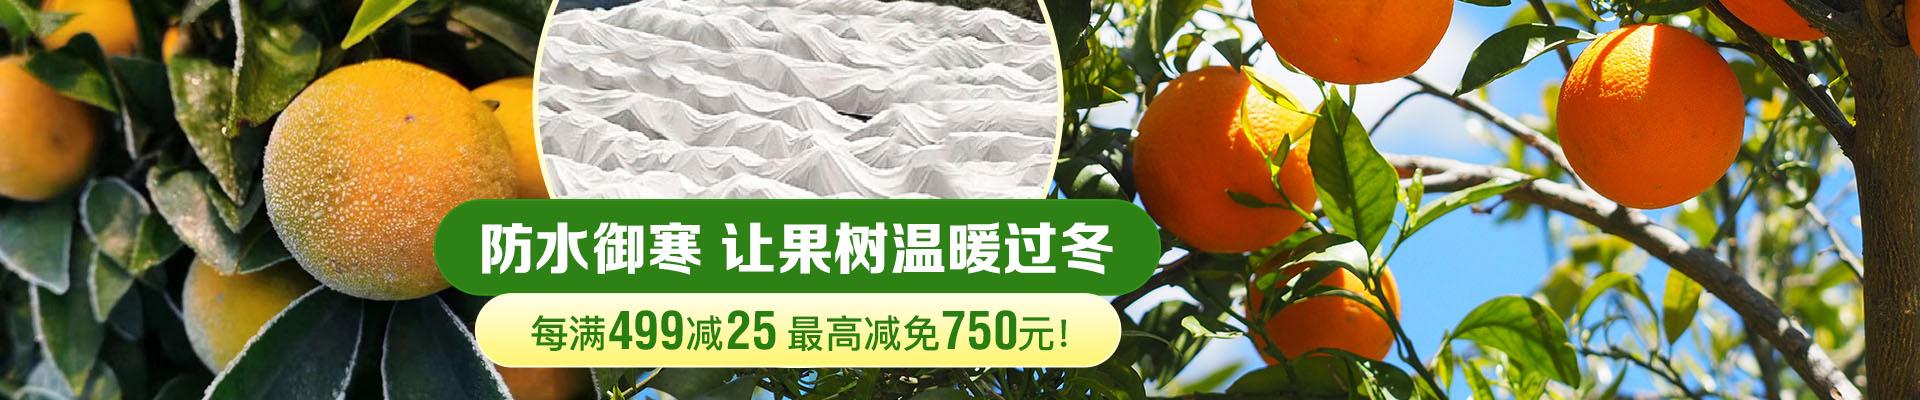 【12月】防寒布卖场